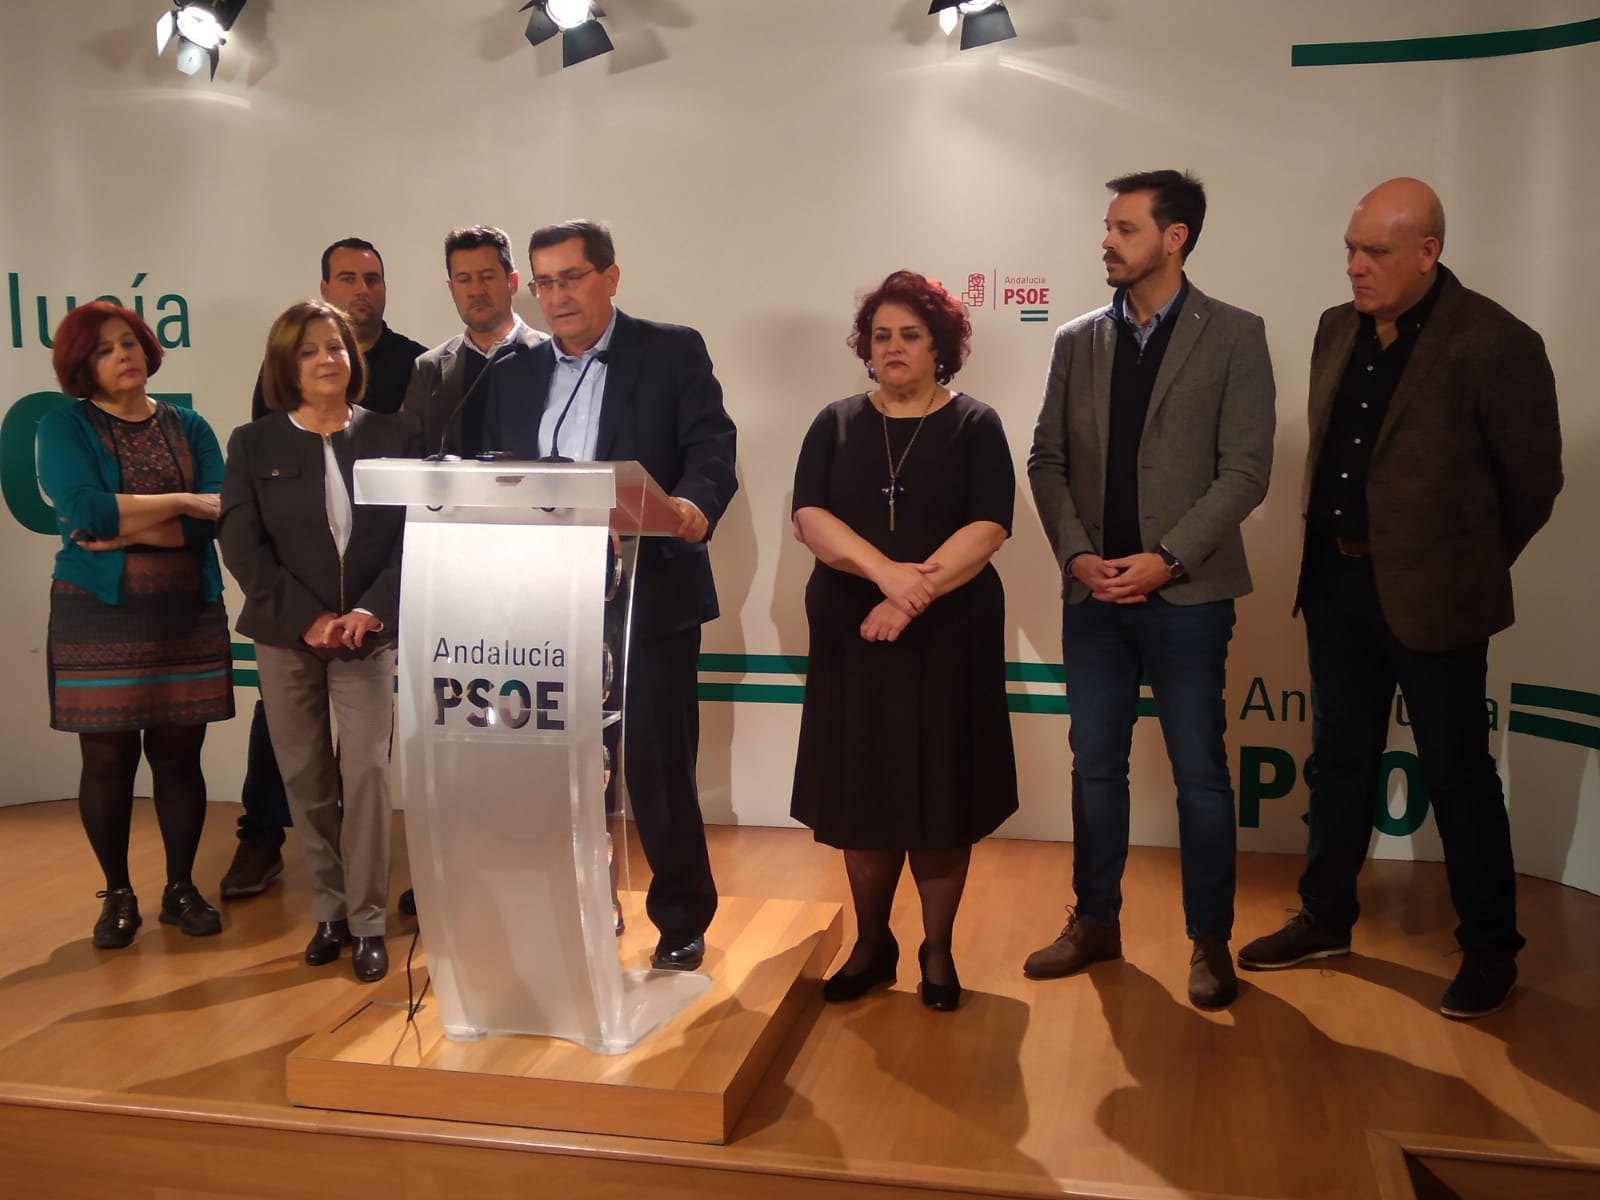 Entrena afirma que todo «ha ido a peor en la provincia» en el año de gobierno de la Junta